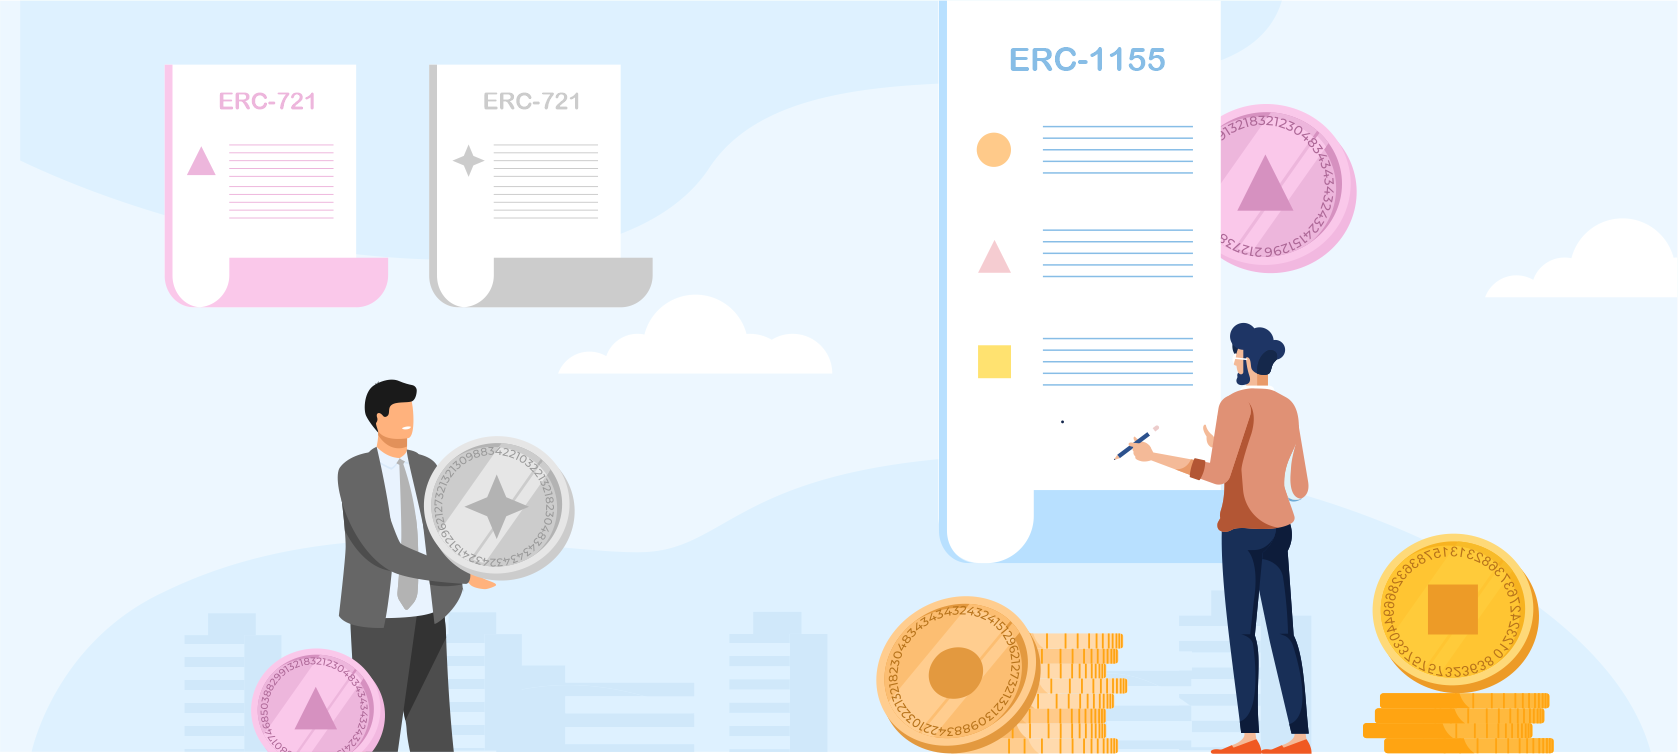 nft-token-smart-contract-ERC1155